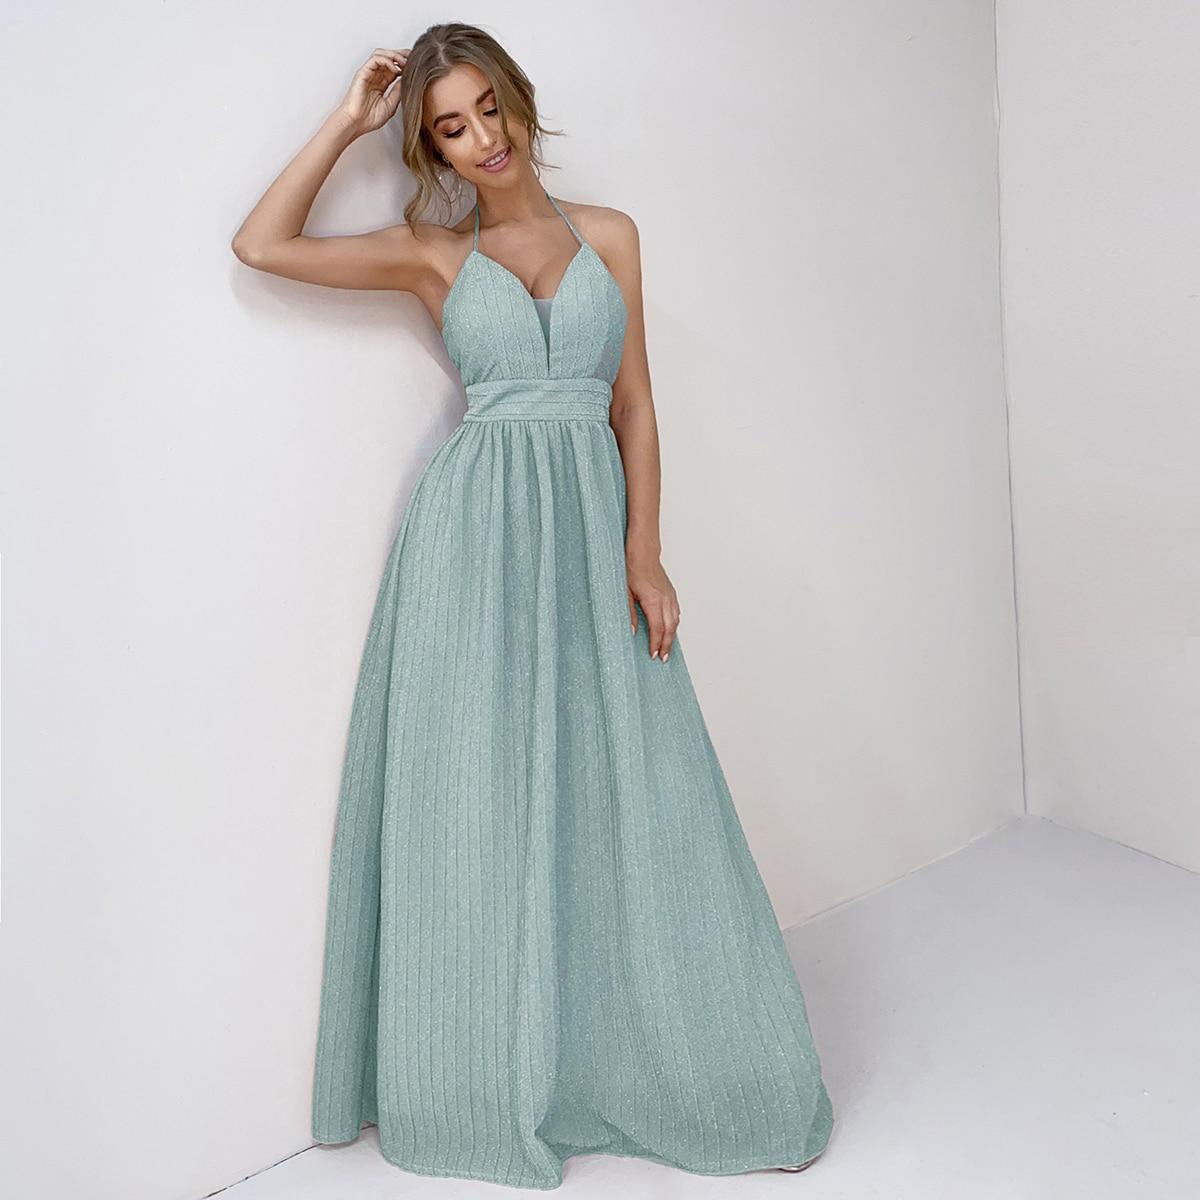 Платье на бретельках с молнией сзади и открытой спиной